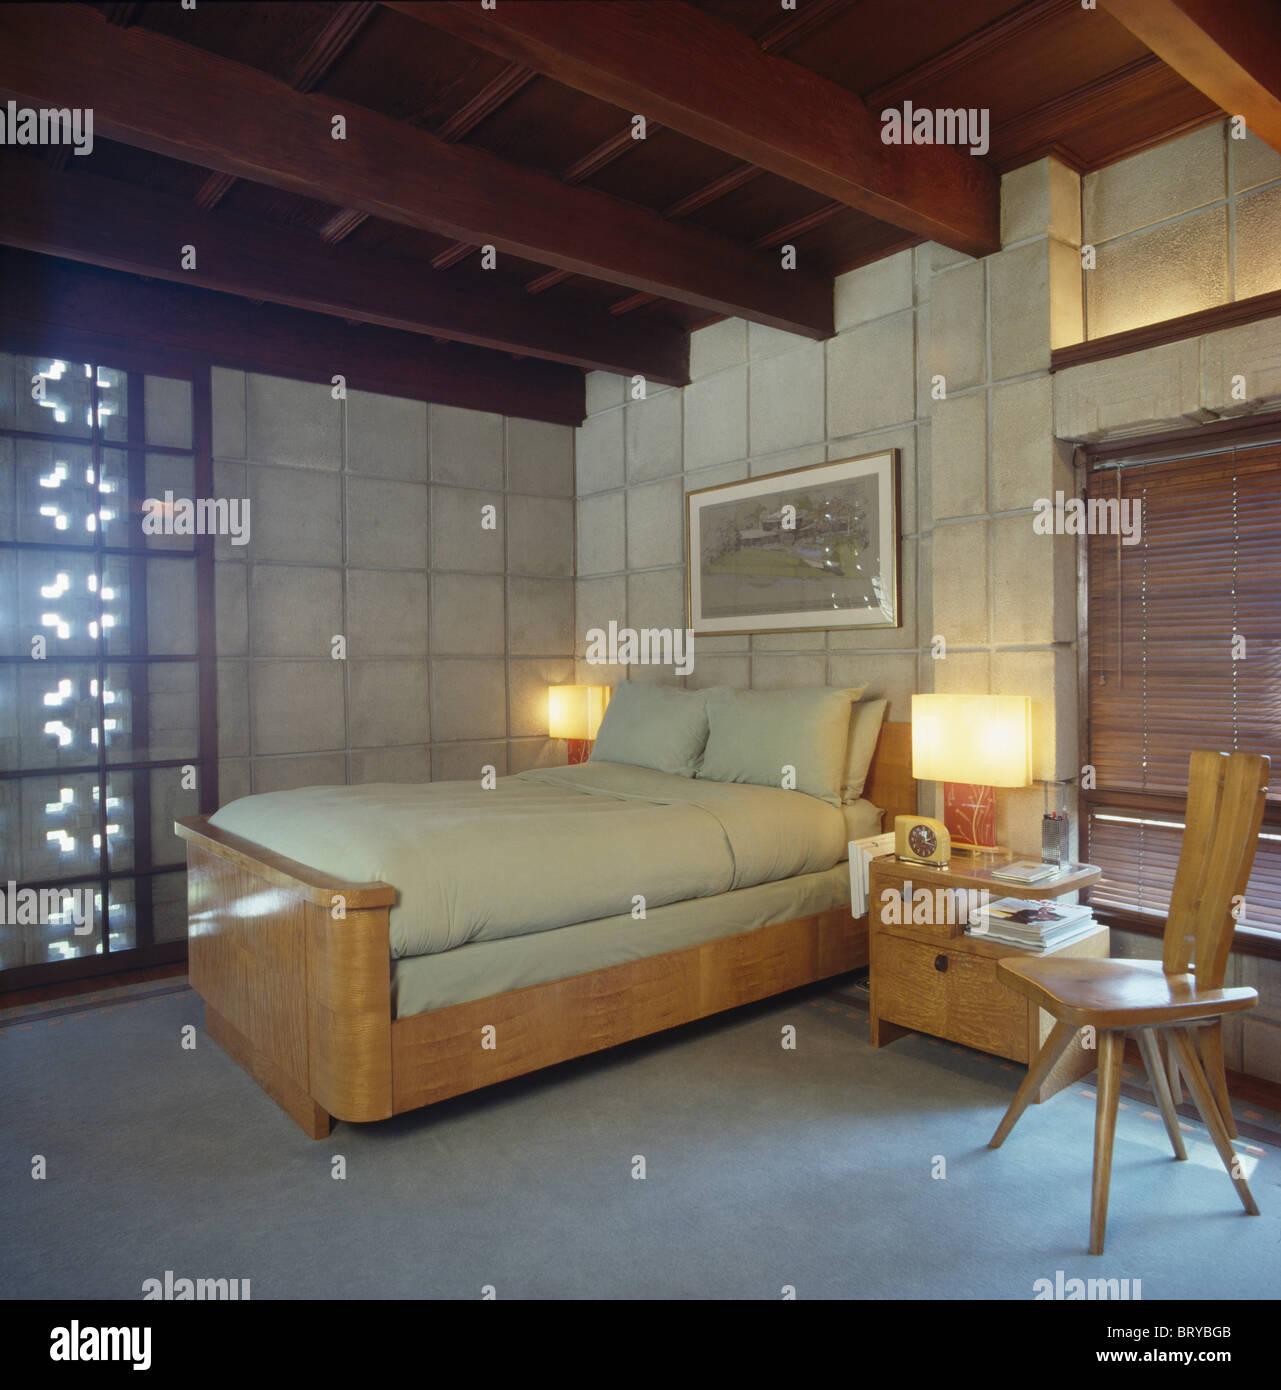 schlafzimmer modern holz schlafzimmer modern wei braun bergr en bettdecken ideen kommoden. Black Bedroom Furniture Sets. Home Design Ideas